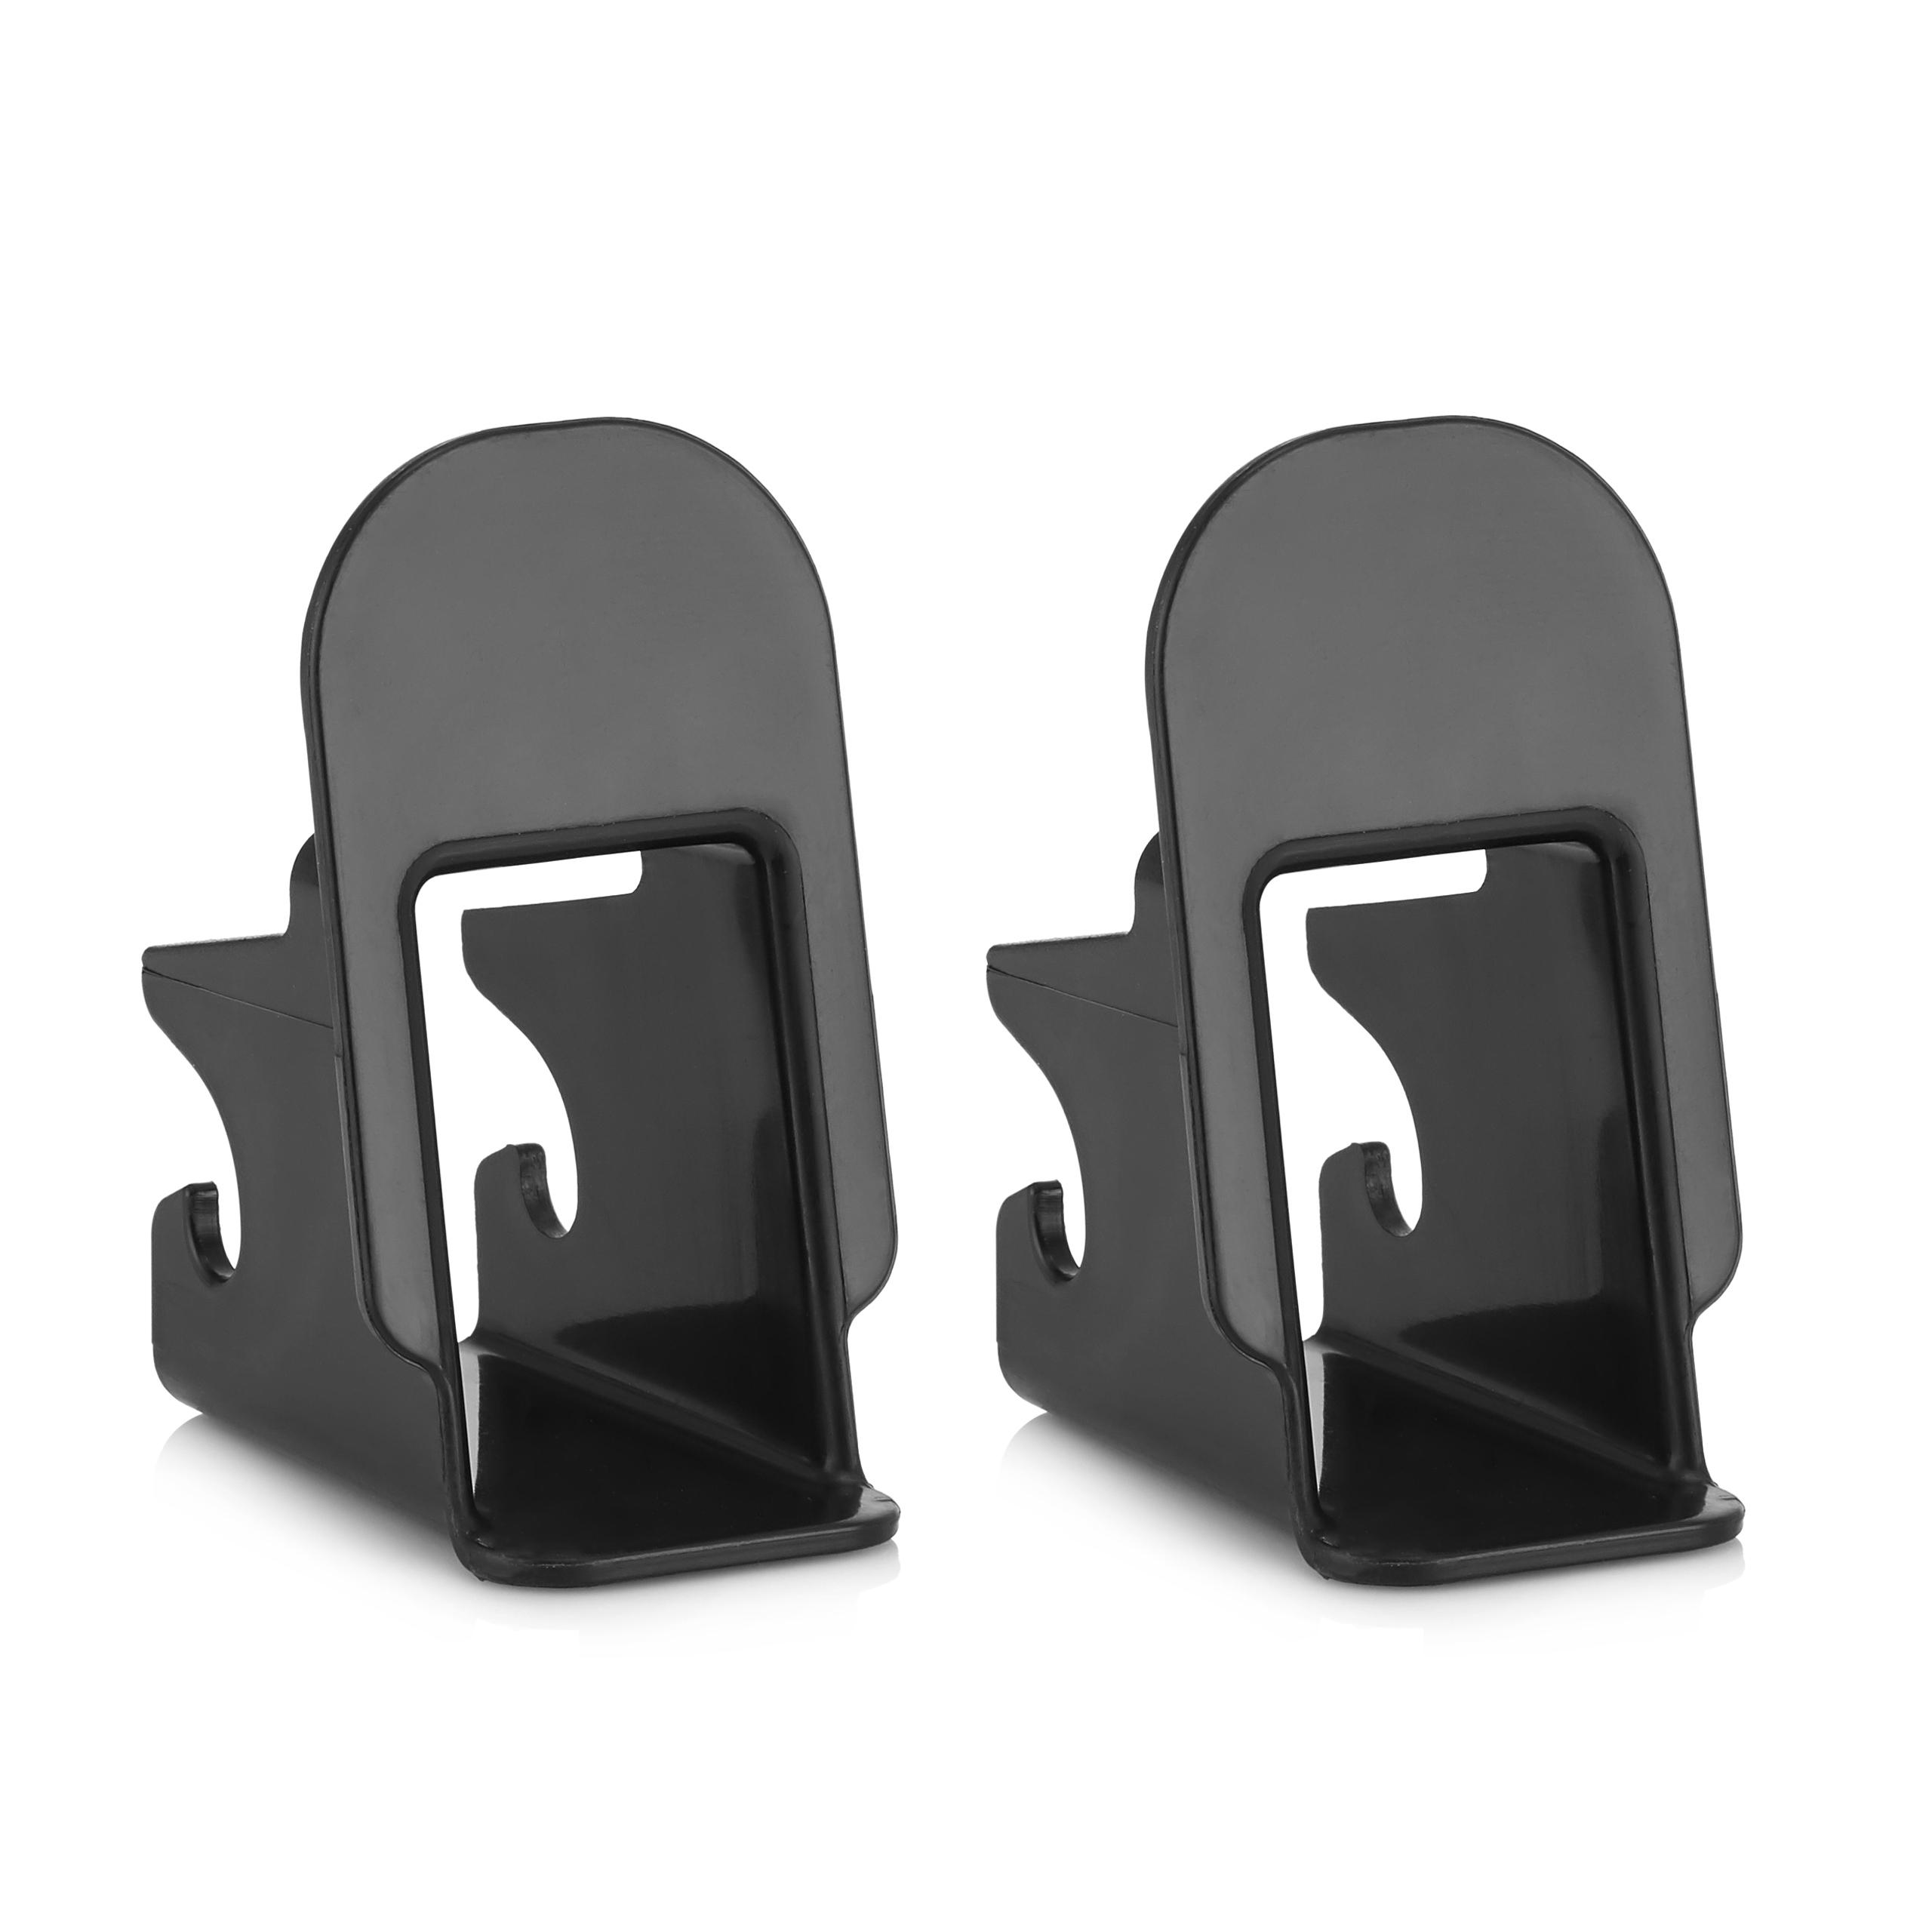 Sesttino Race Car Seat ISOFIX 15-36kg Informations complémentaires Isofix Réglage de l'appui-tête Rembourrage amovible